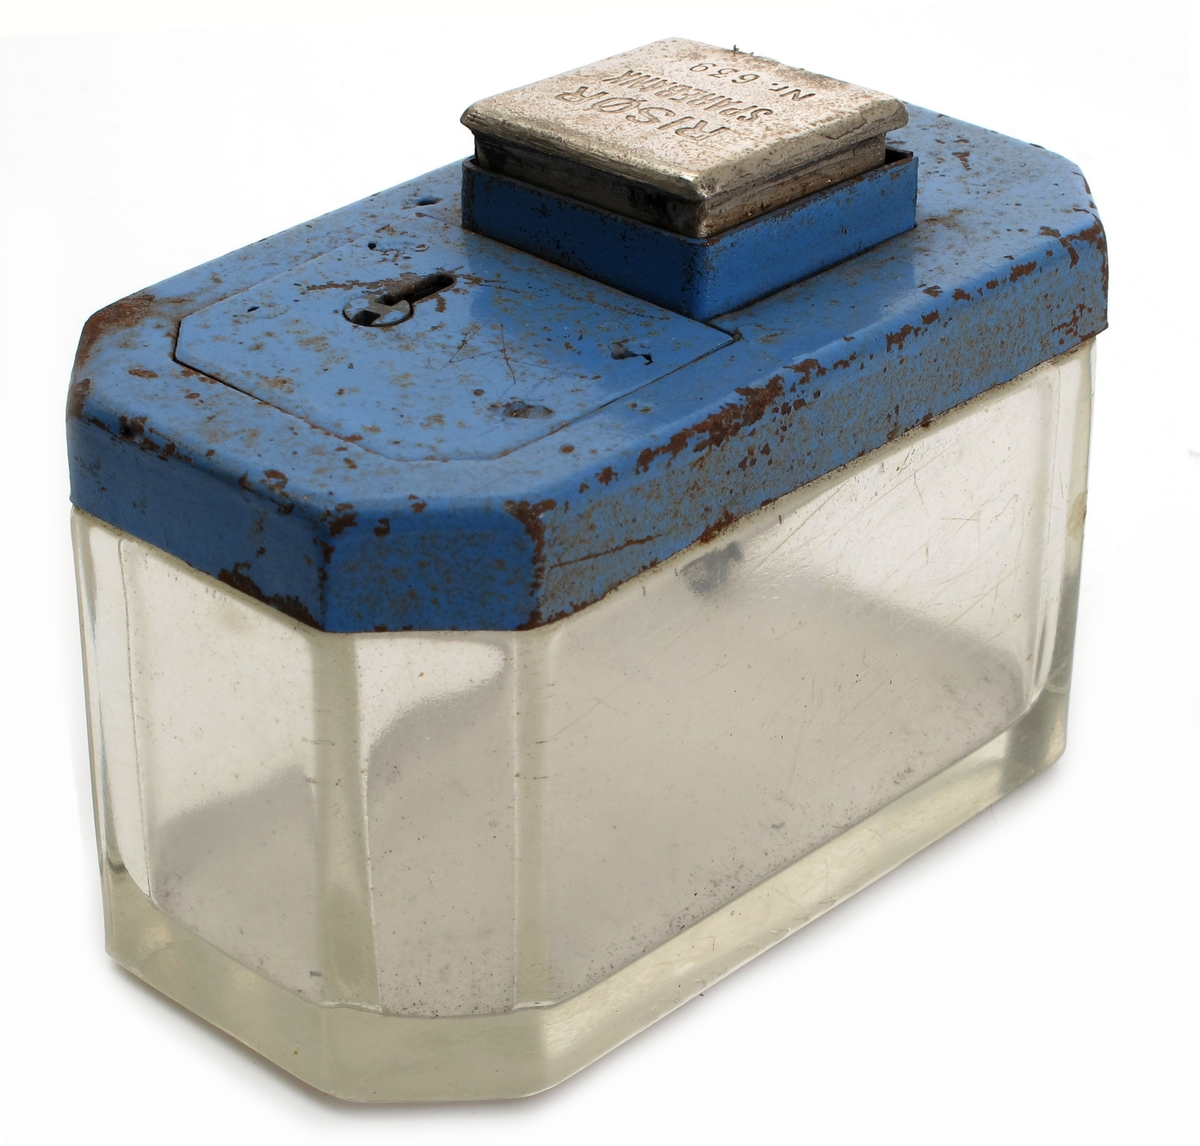 Sparebøsse, Risør Sparebank, 1930-årene. Glass, klart og tykt, støpt.  Lokk av jernblikk, malt  lys blått. Topplokk forkrommet med tekst: Risør Sparebank Nr. 639. Rekangulær dåse med avskårne hjørner i glass, flatt lokk med luke med lås, pm. spalte for innputting av mynt, med et topplokk til å trykke ned.